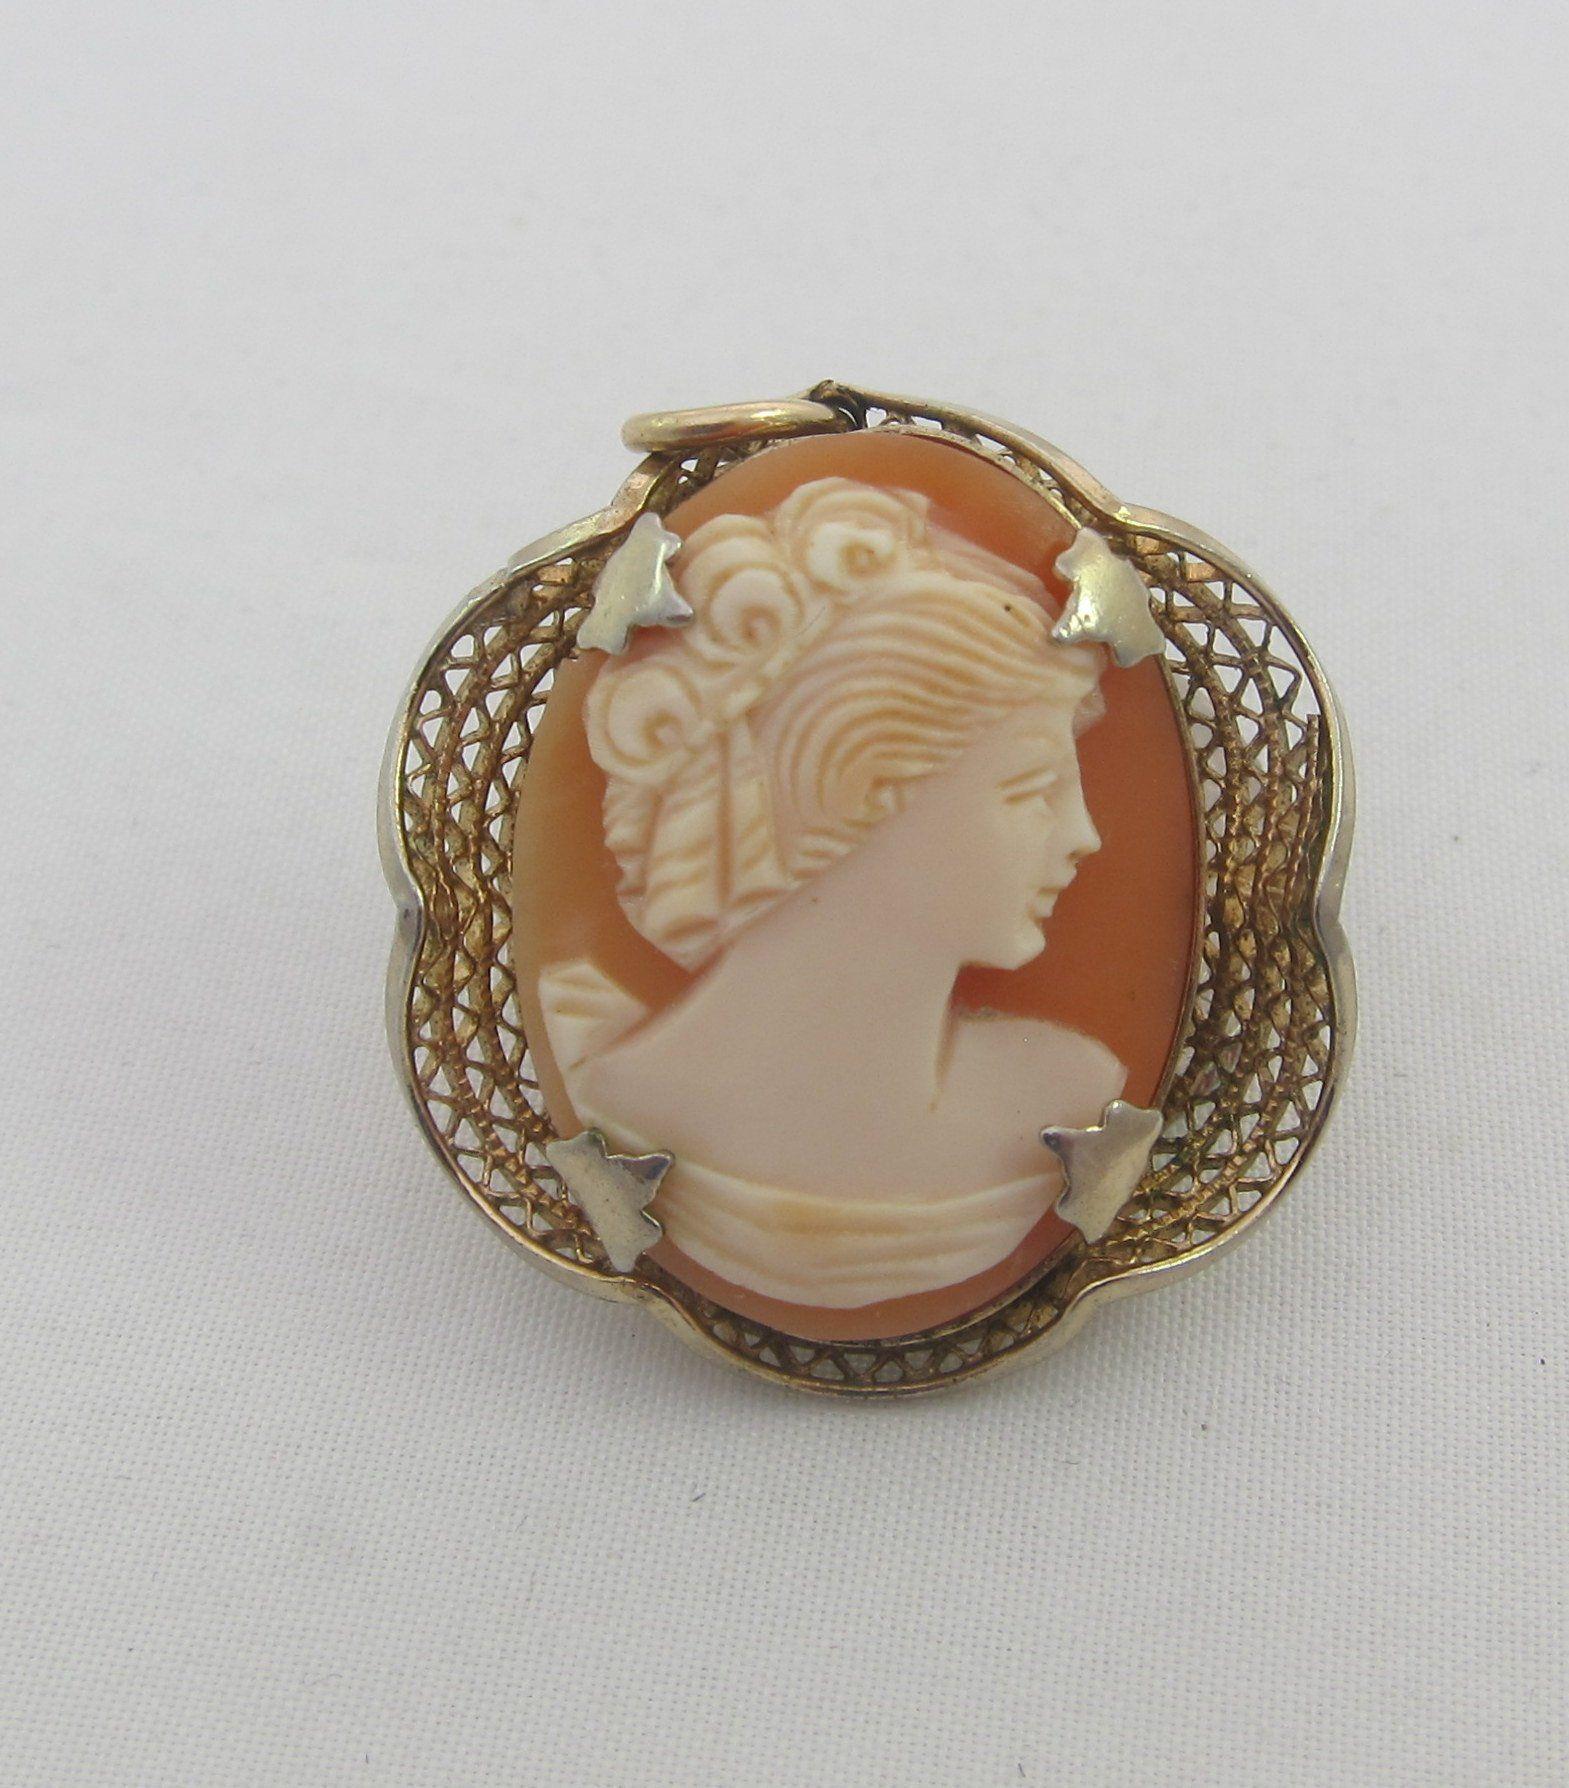 14k Gold Cameo Pendant Italian Handcarved Corneilian Shell